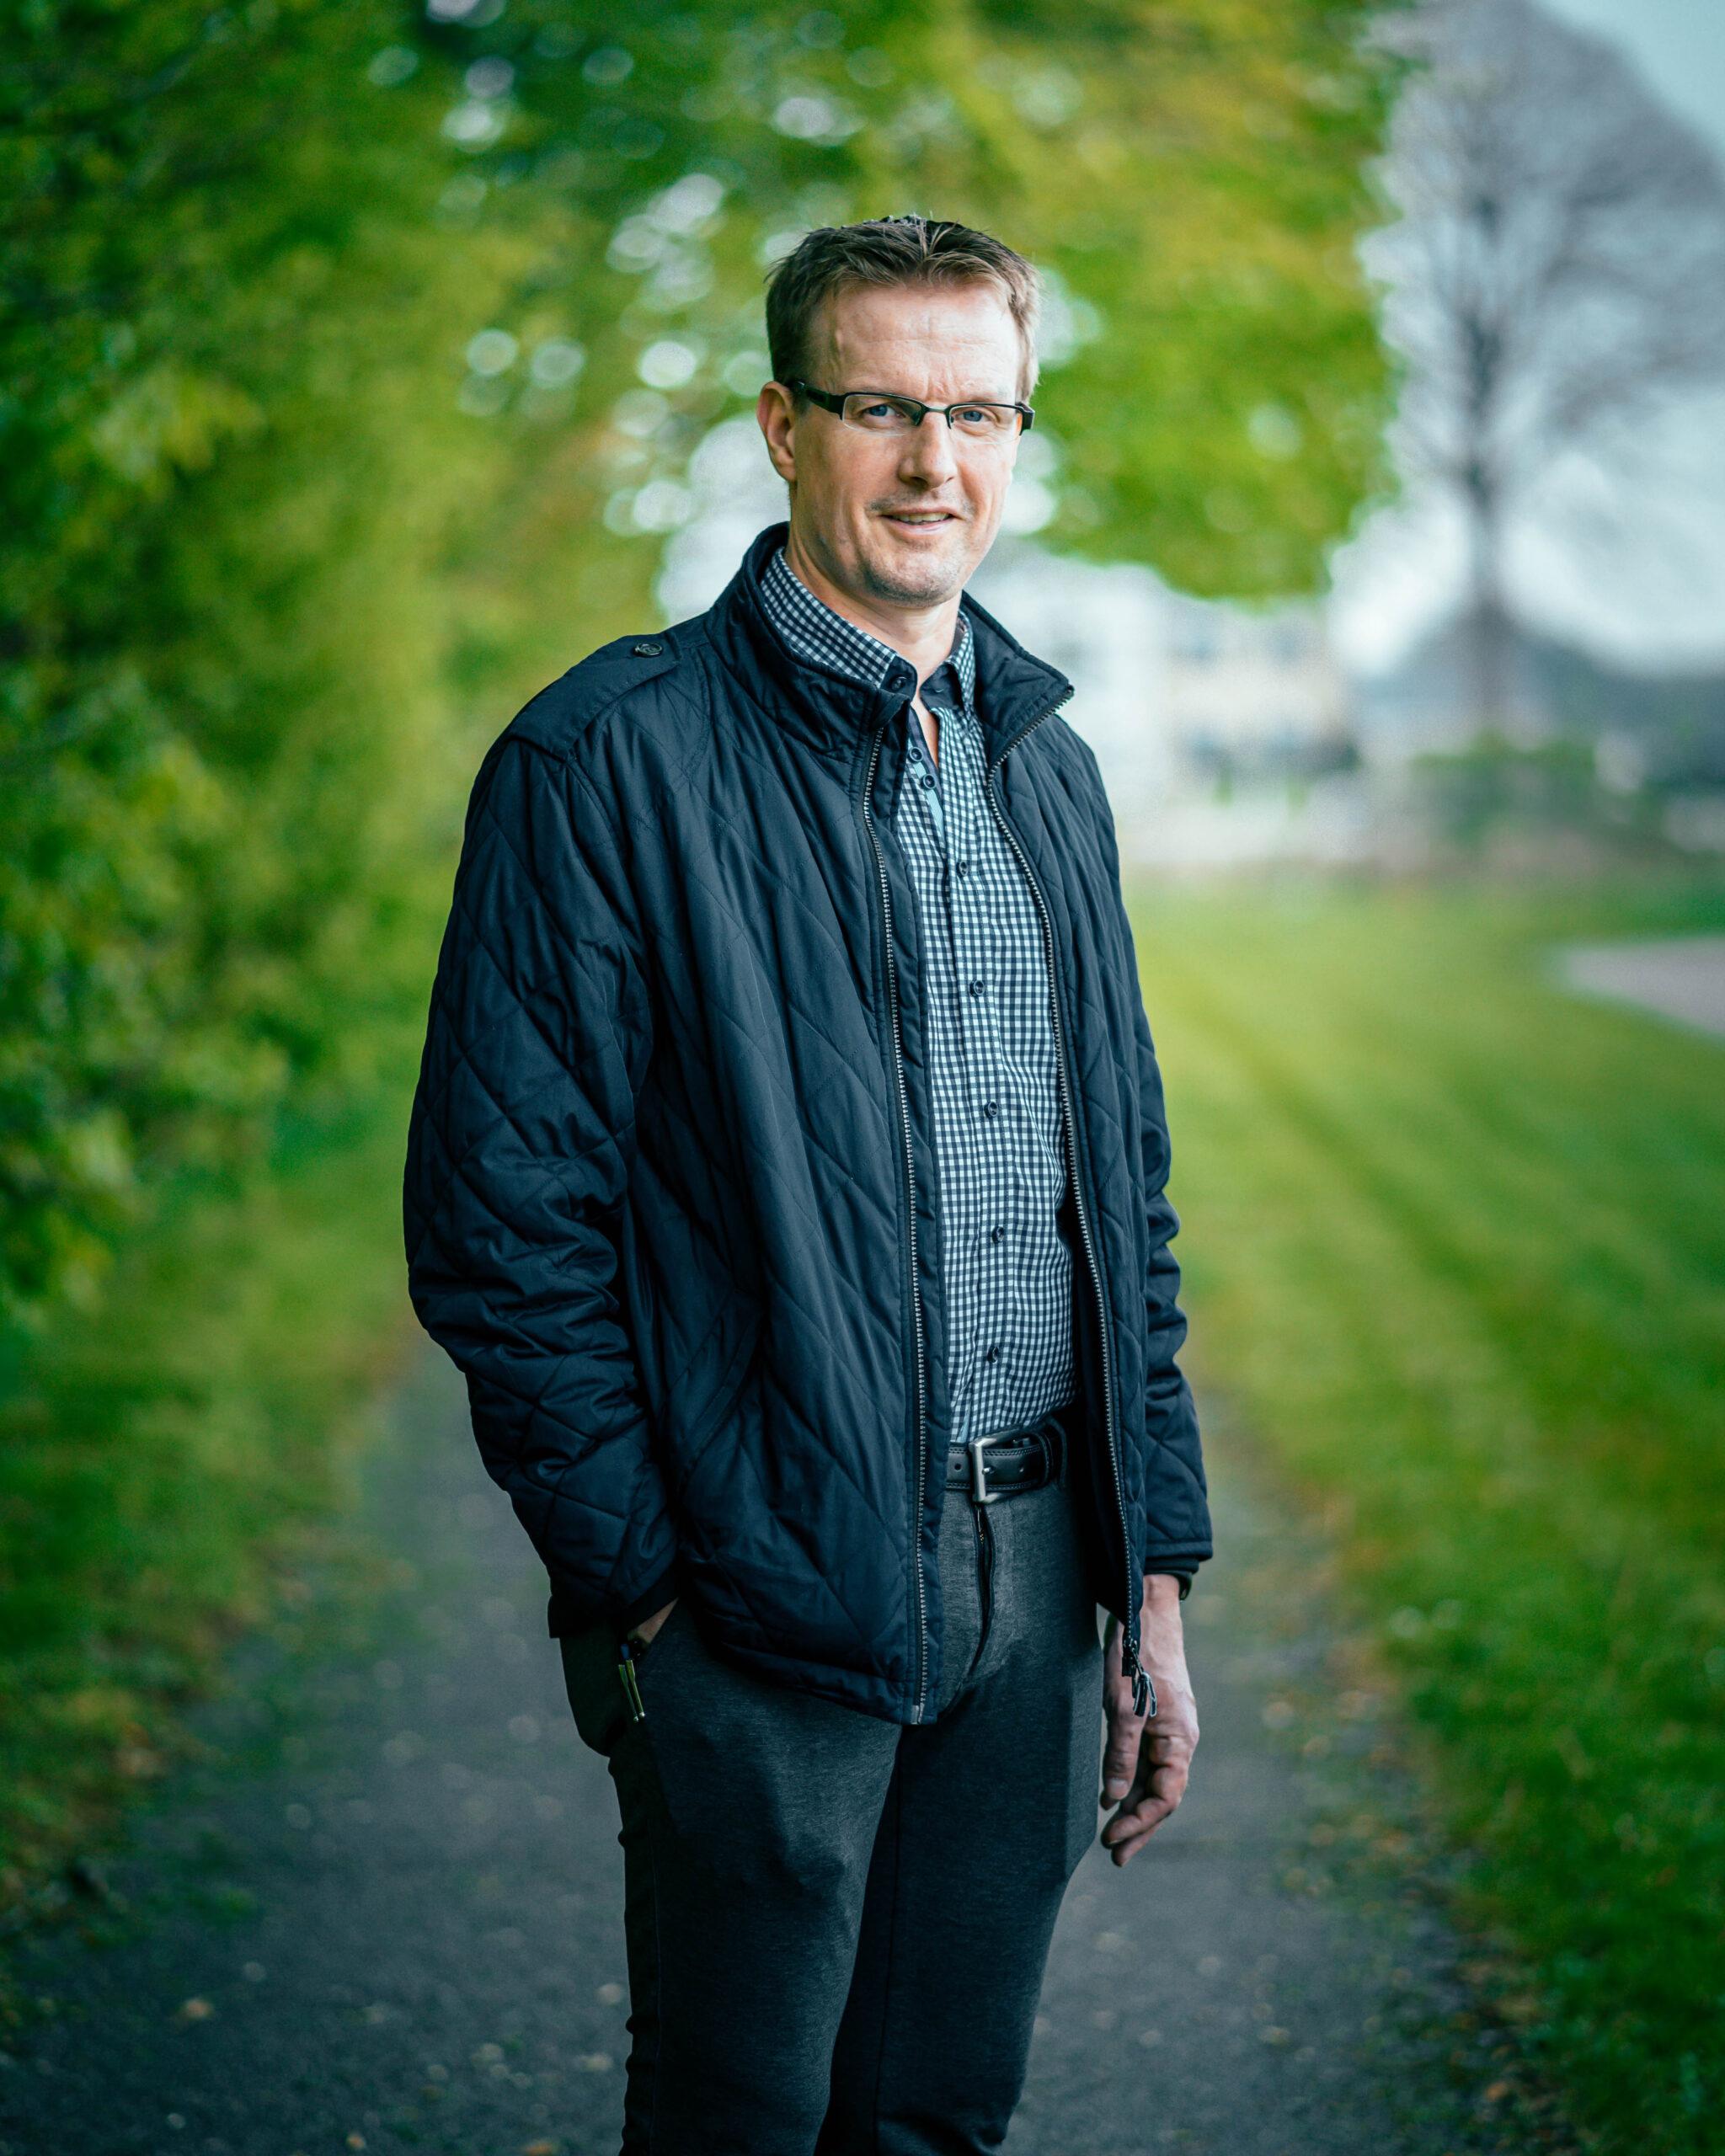 Jørgen-fra-jp-profil